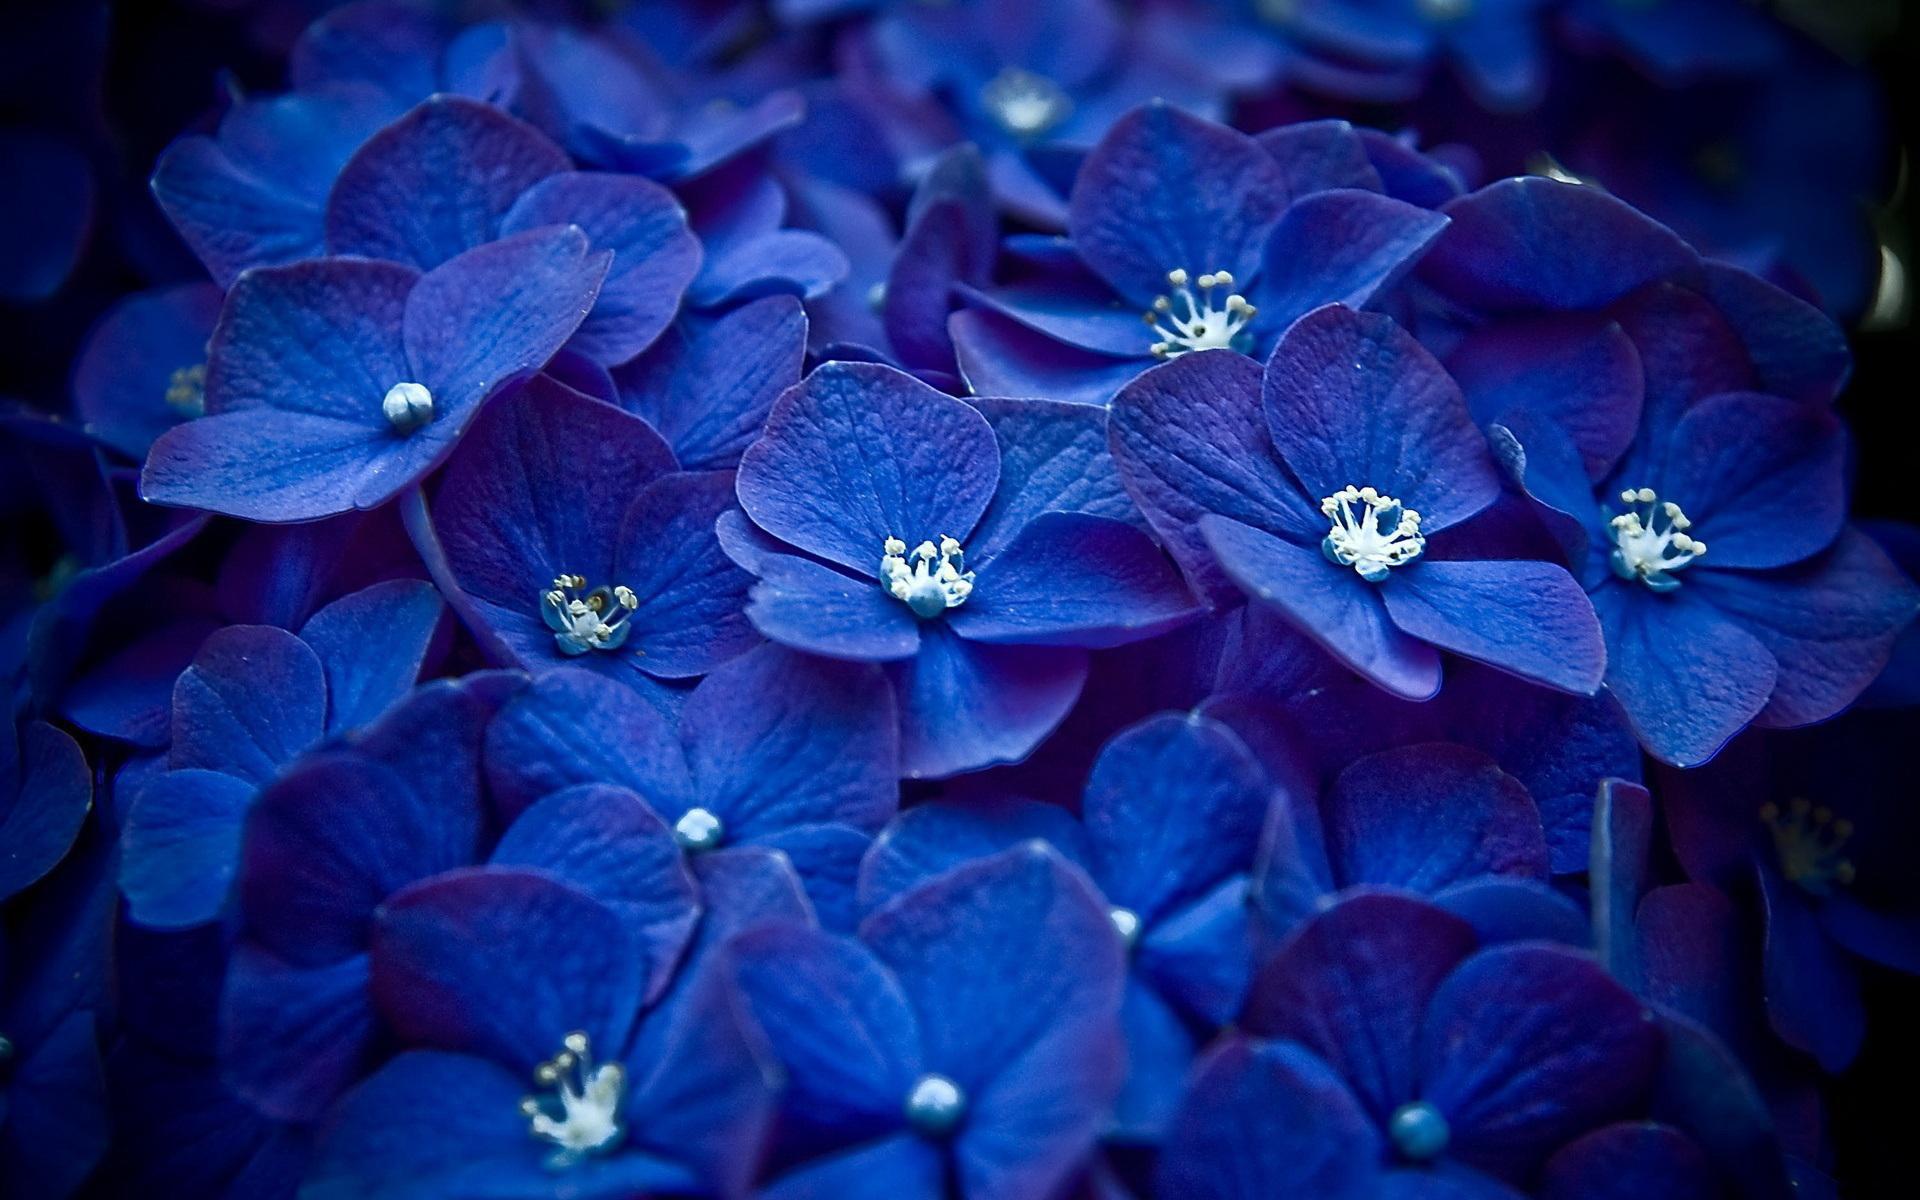 58166-blaue-rosen-hintergrundbilder-1920x1200-fuer-4k.jpg